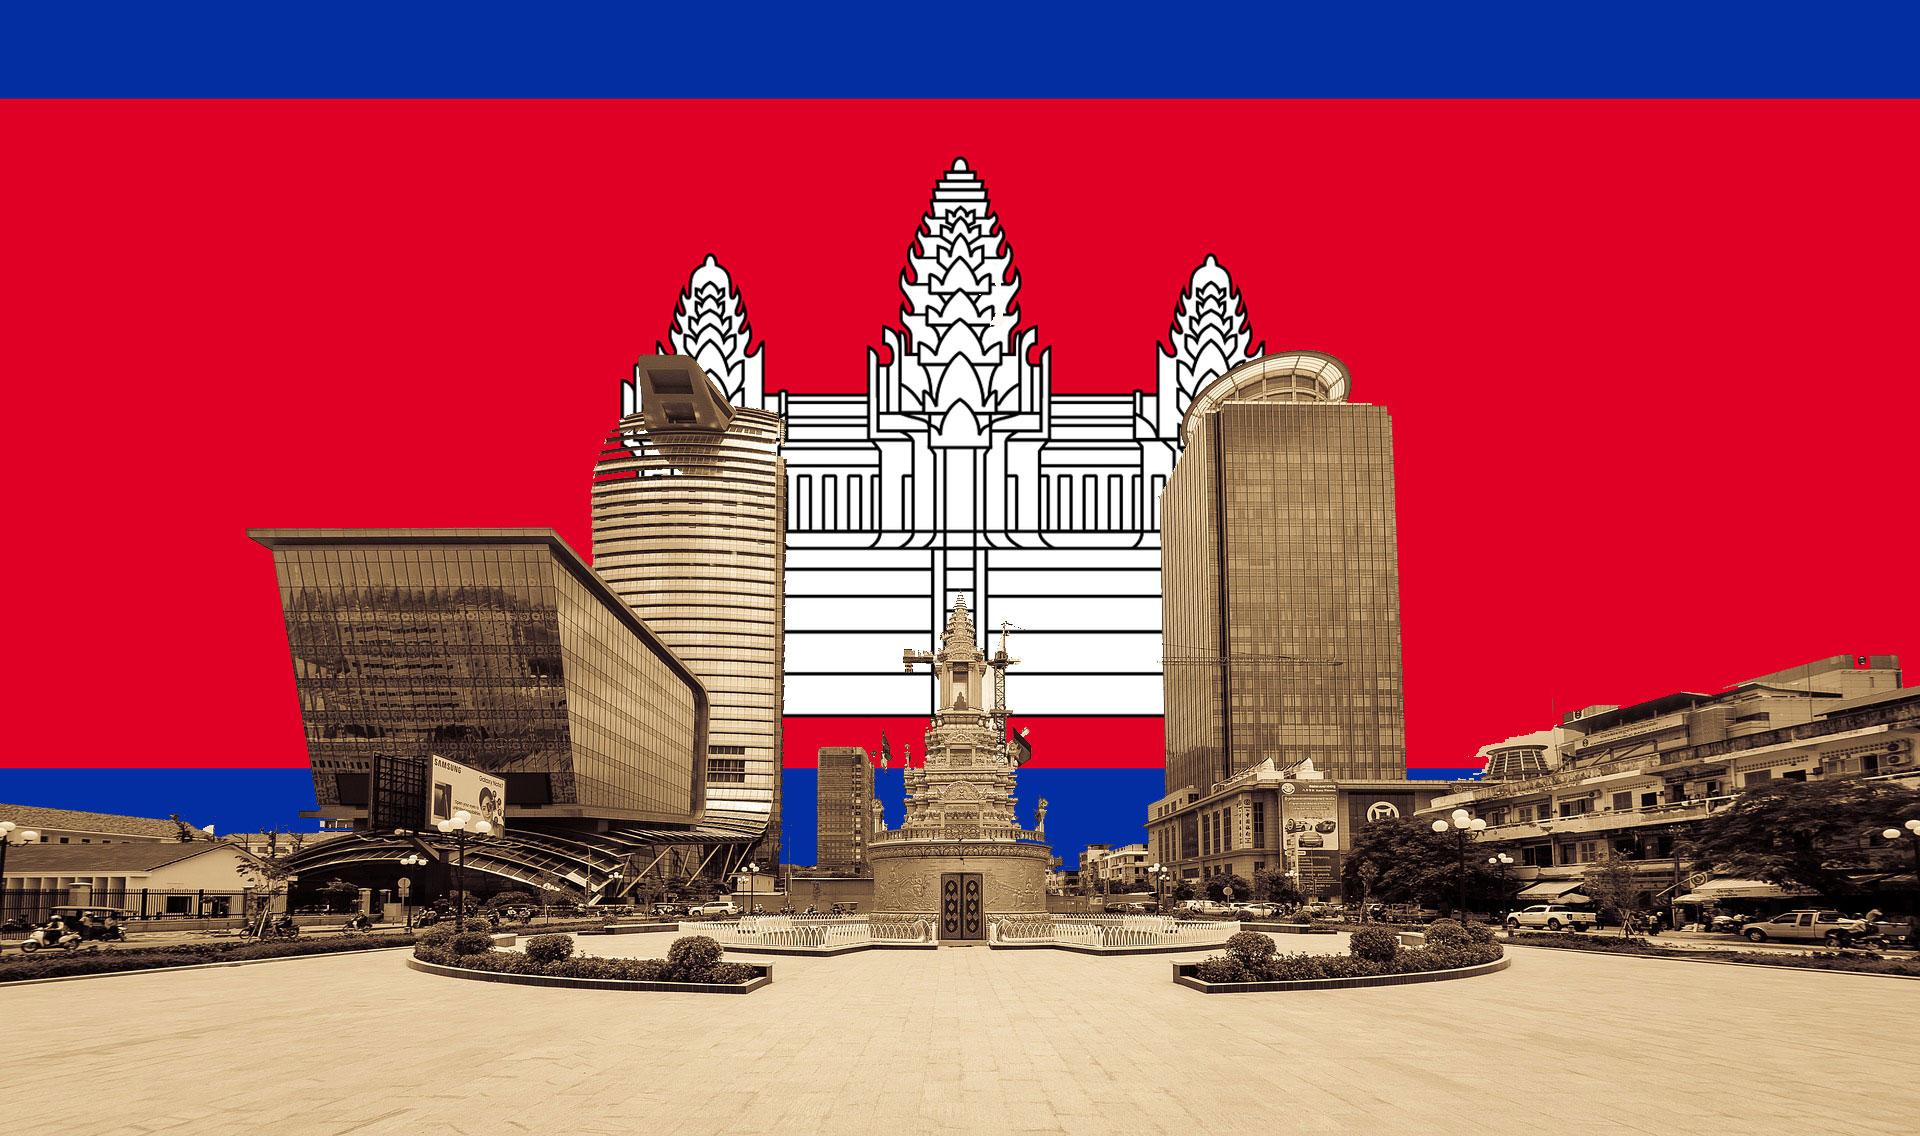 カンボジア中銀、「ブロックチェーンベース」のデジタル通貨をまもなくリリースへ!